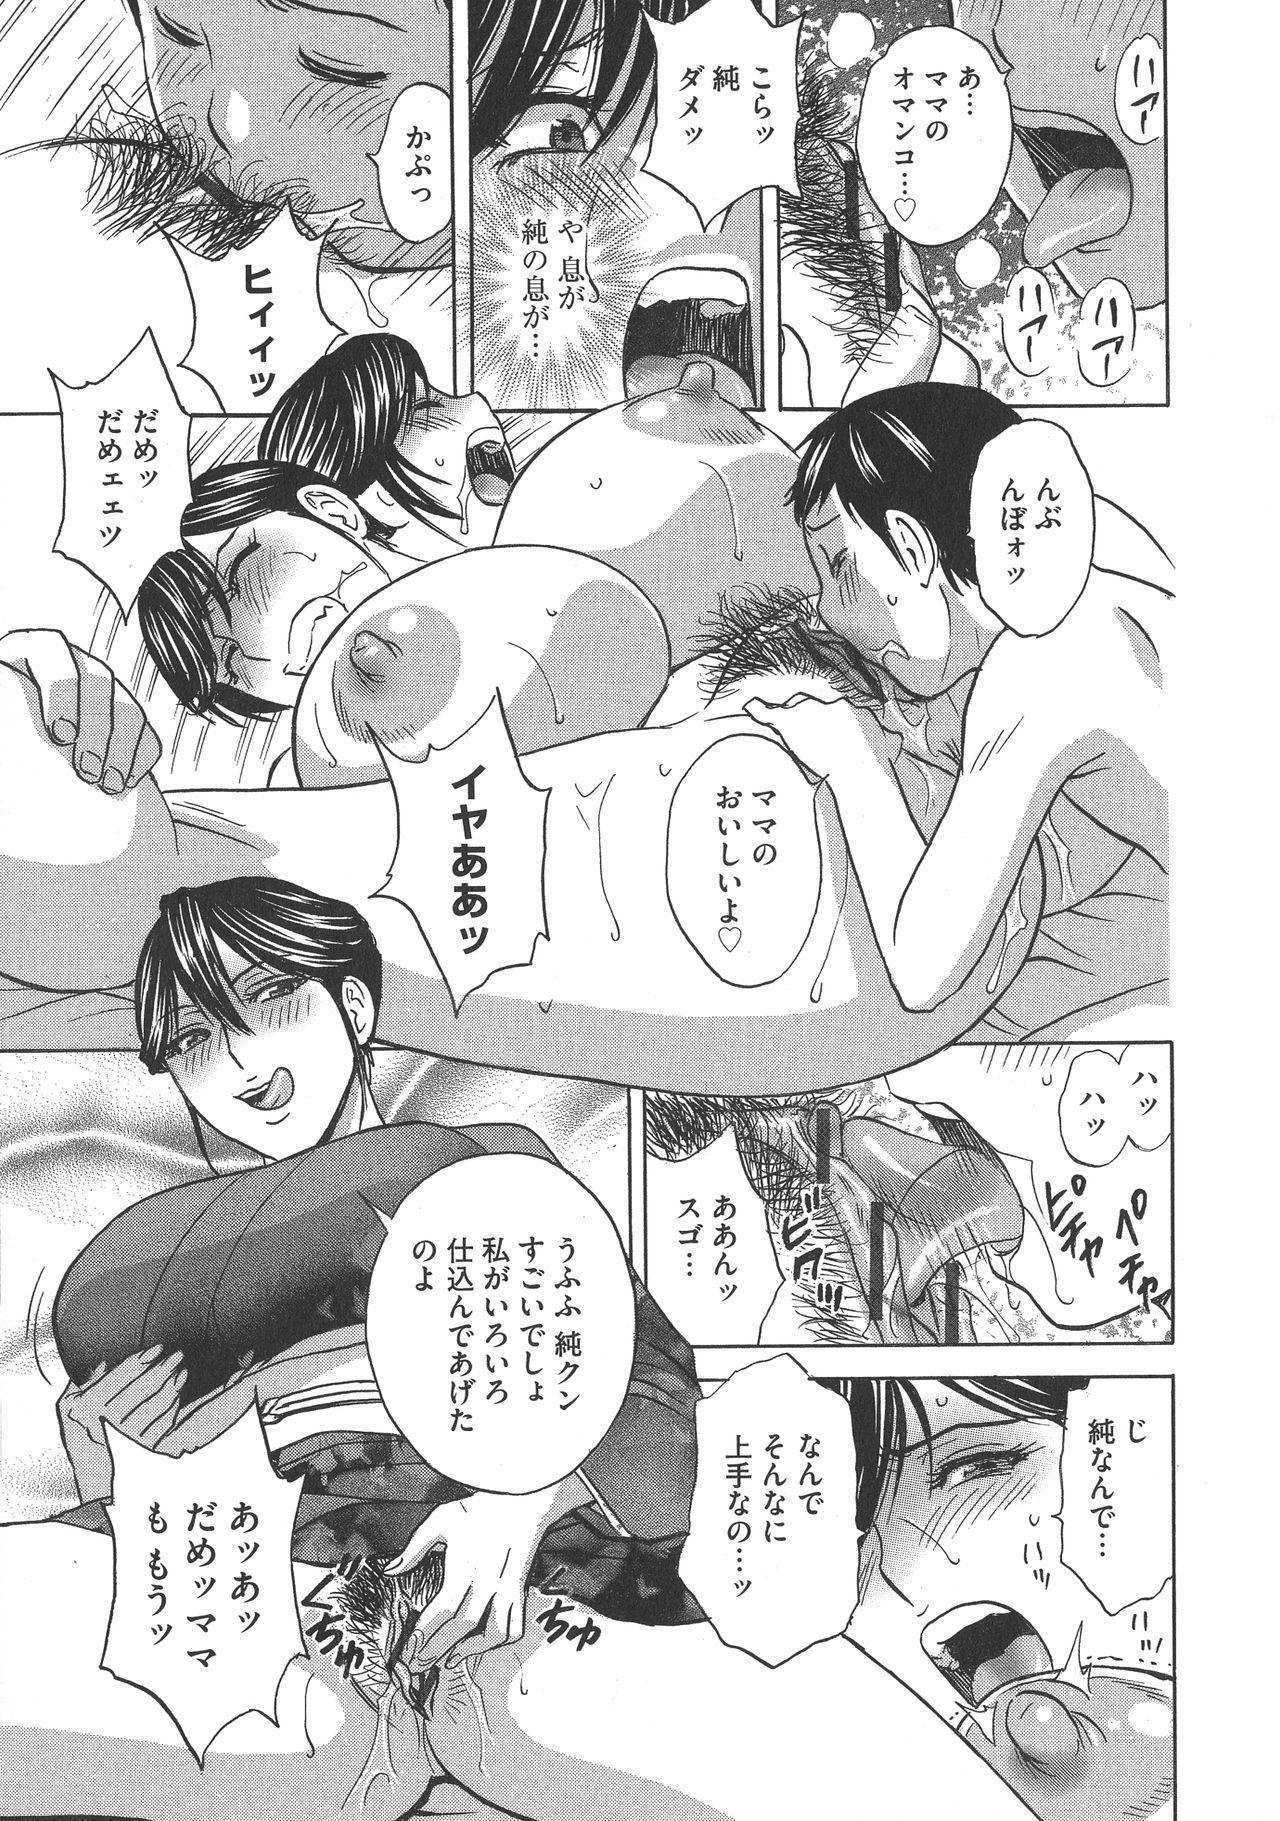 Chijoku ni Modaeru Haha no Chichi… 160